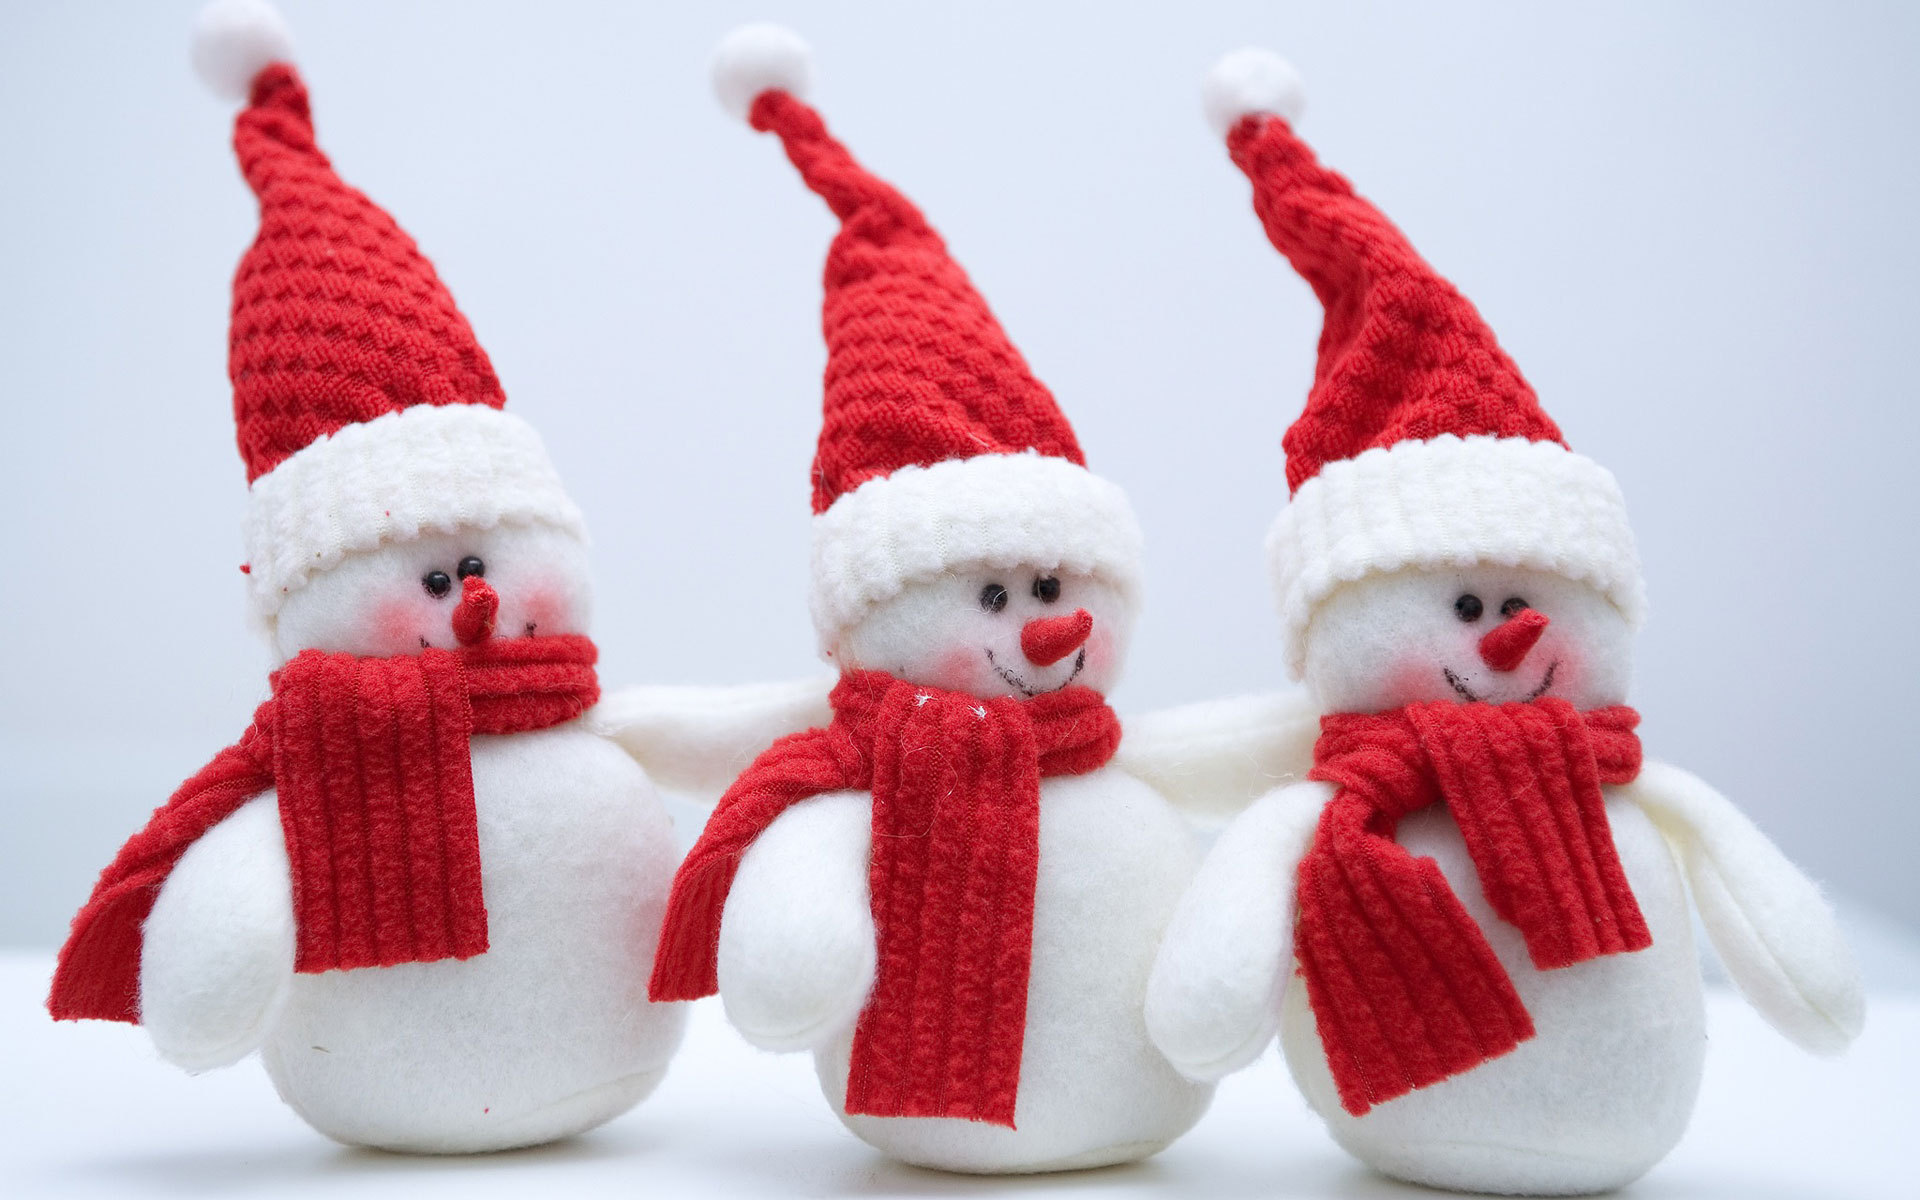 снеговики, Новогодние обои для рабочего стола, с Новым 2013 годом, Новый год, Happy New Year Wallpaper